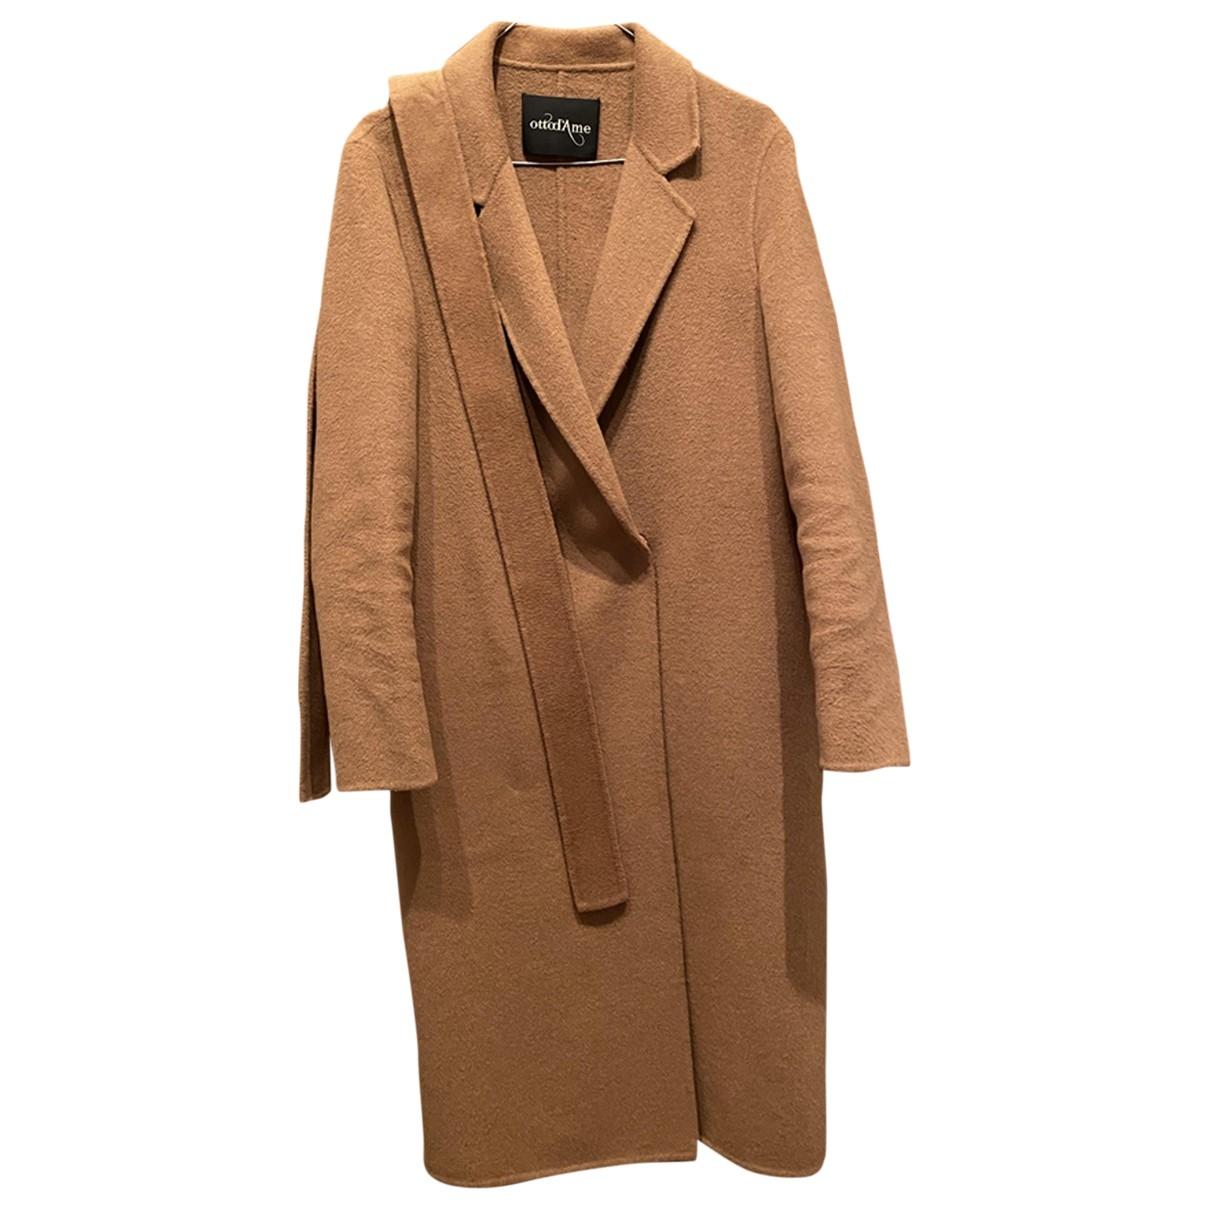 Ottod'ame \N Beige Wool coat for Women 40 IT